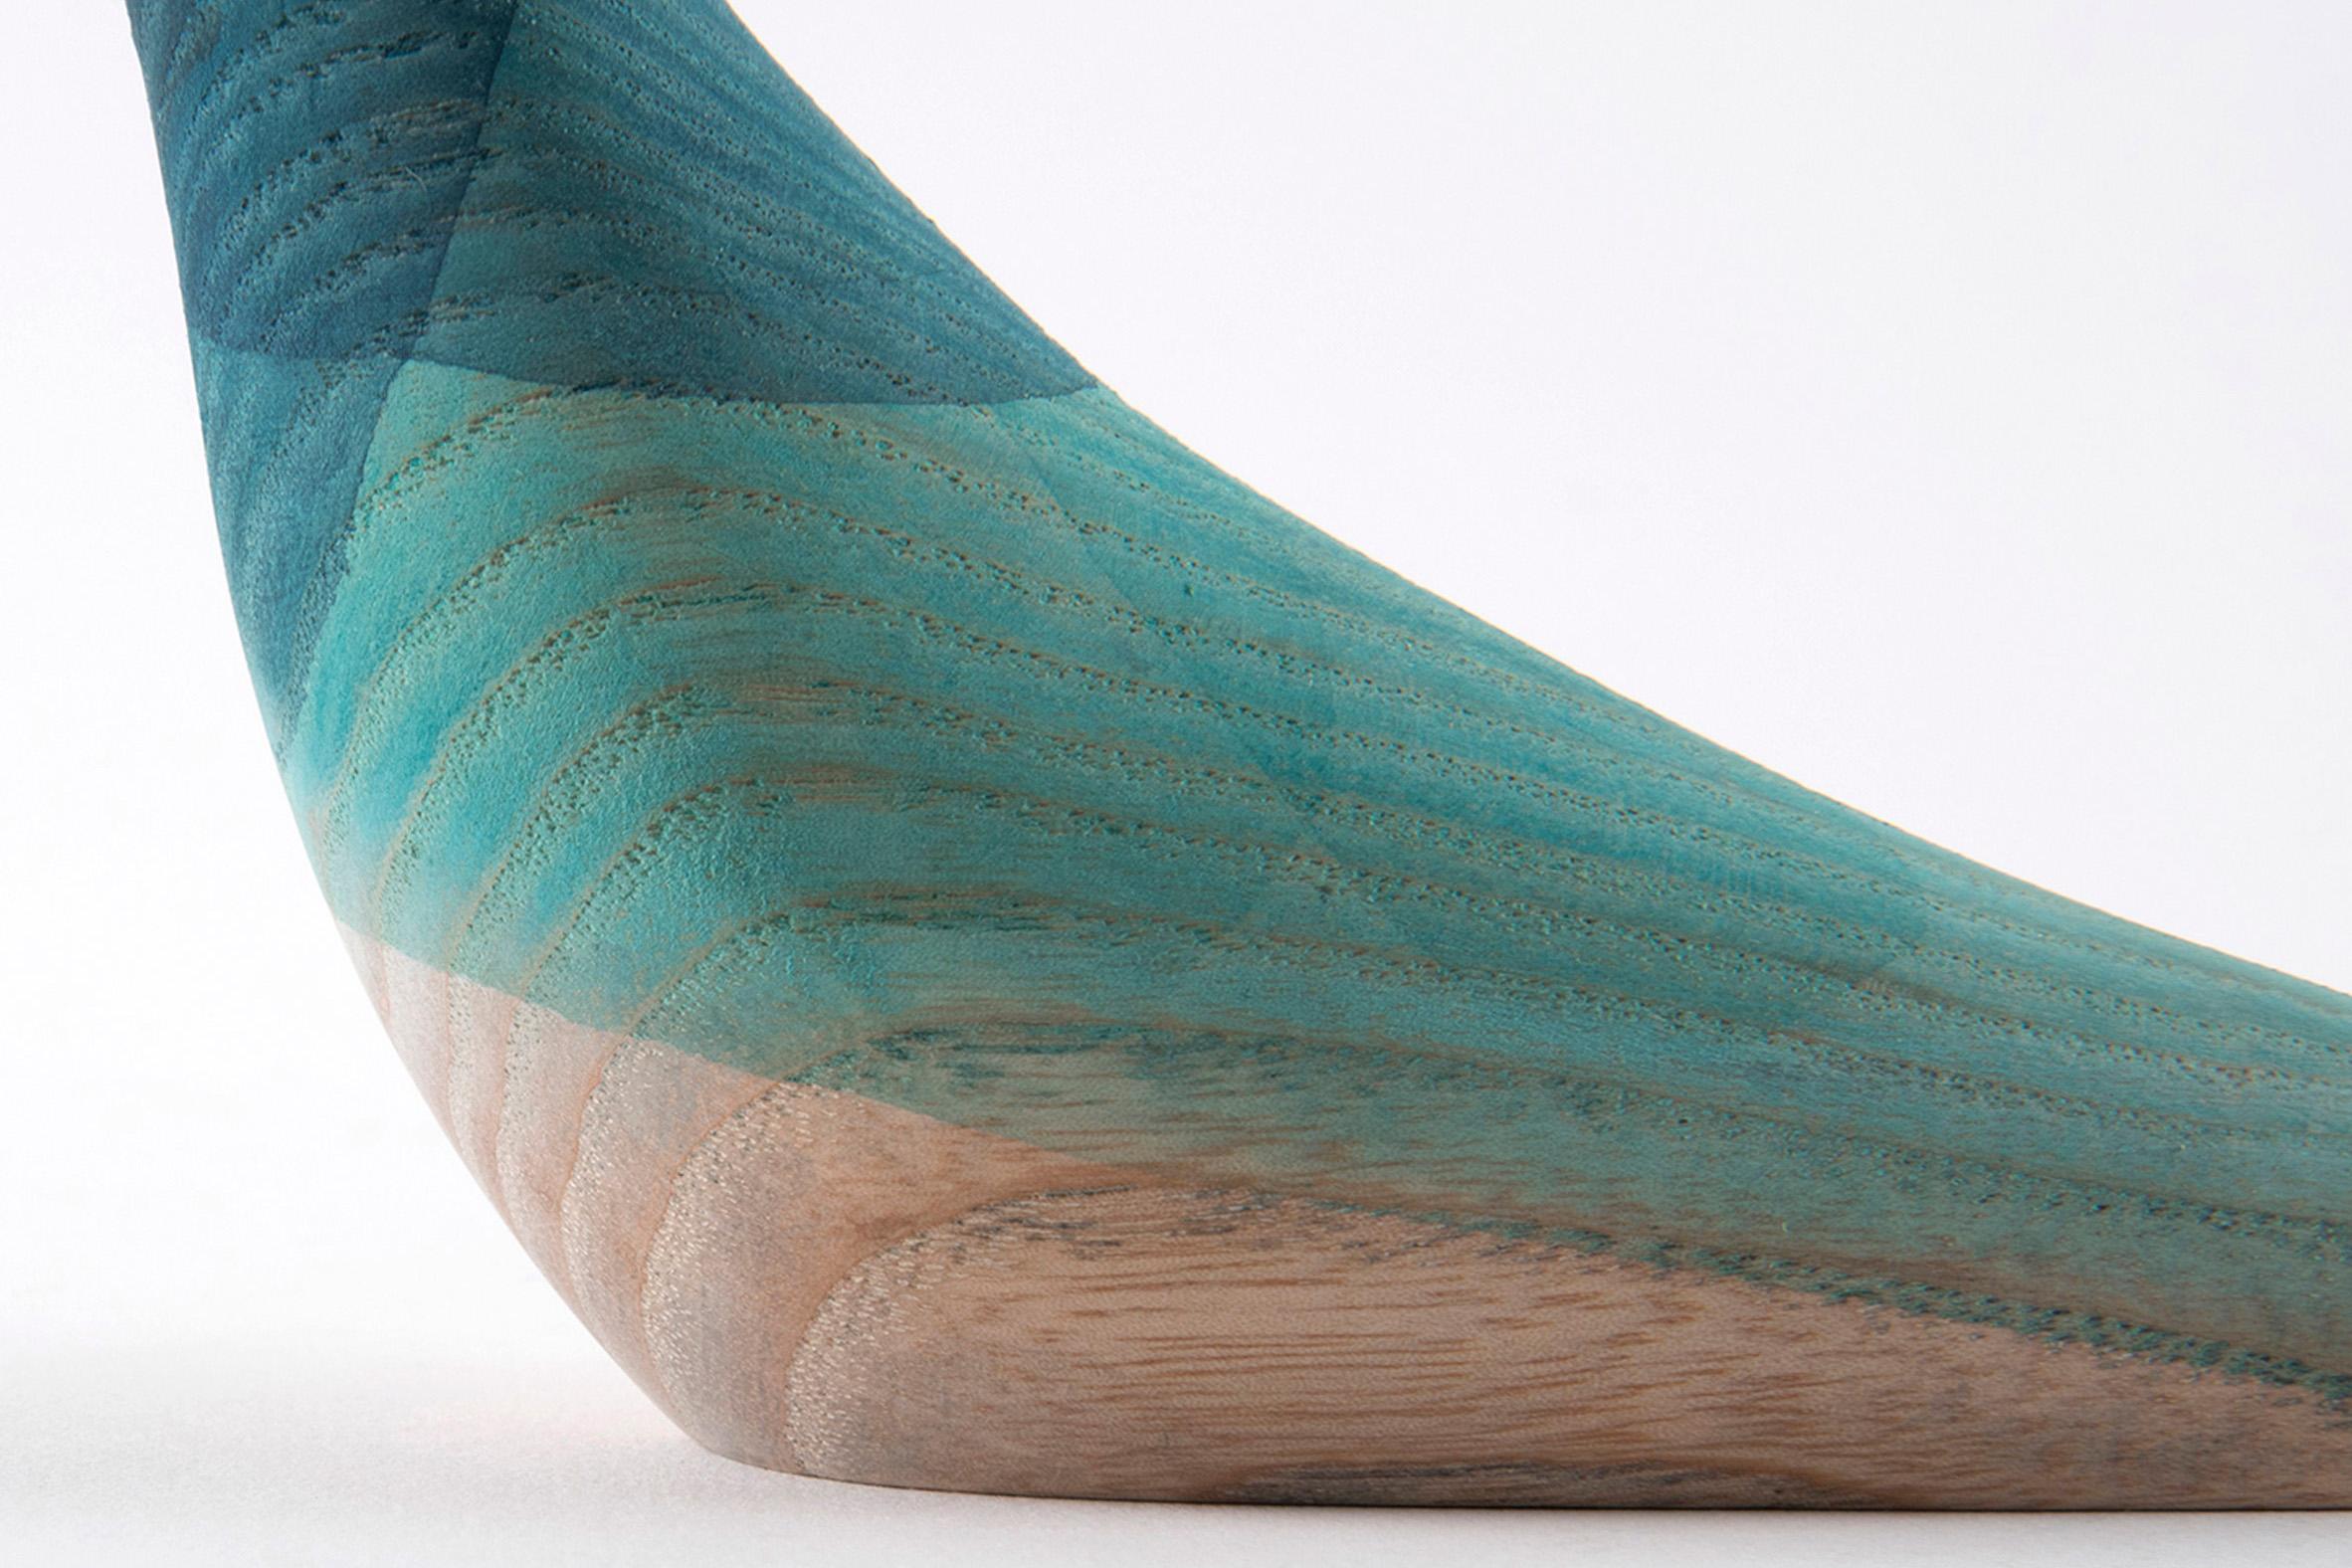 immersed-birds-moises-hernandez-design-products_dezeen_2364_col_15.jpg